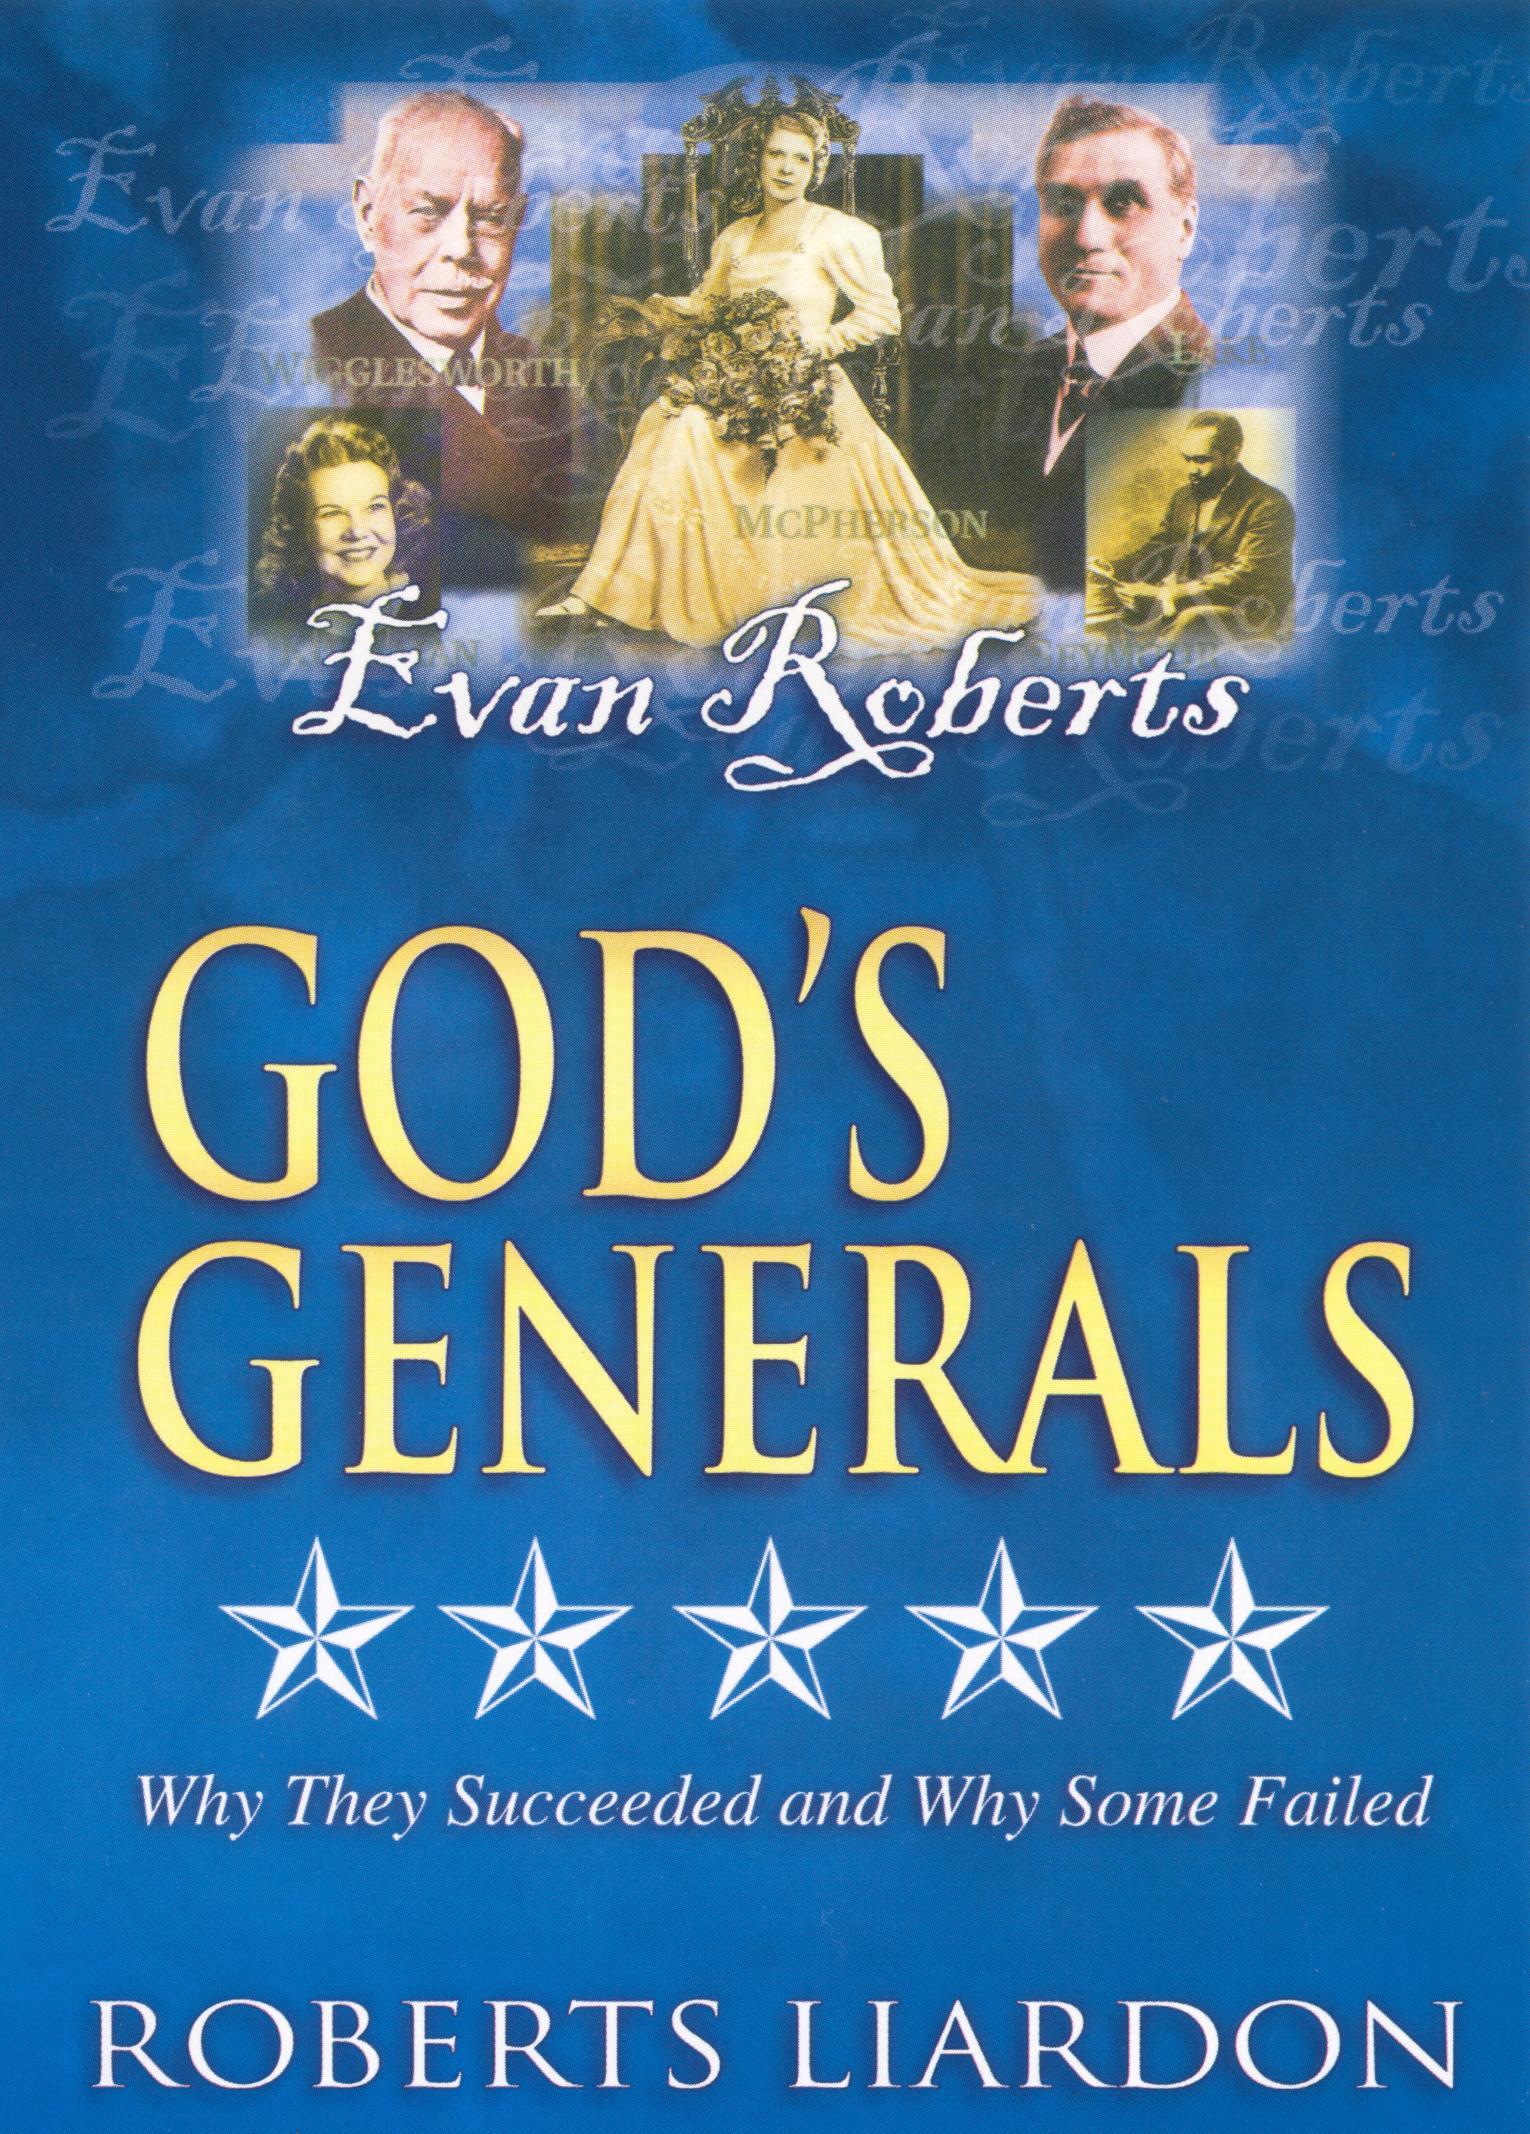 God's Generals: Evan Roberts - Welsh Revivalist